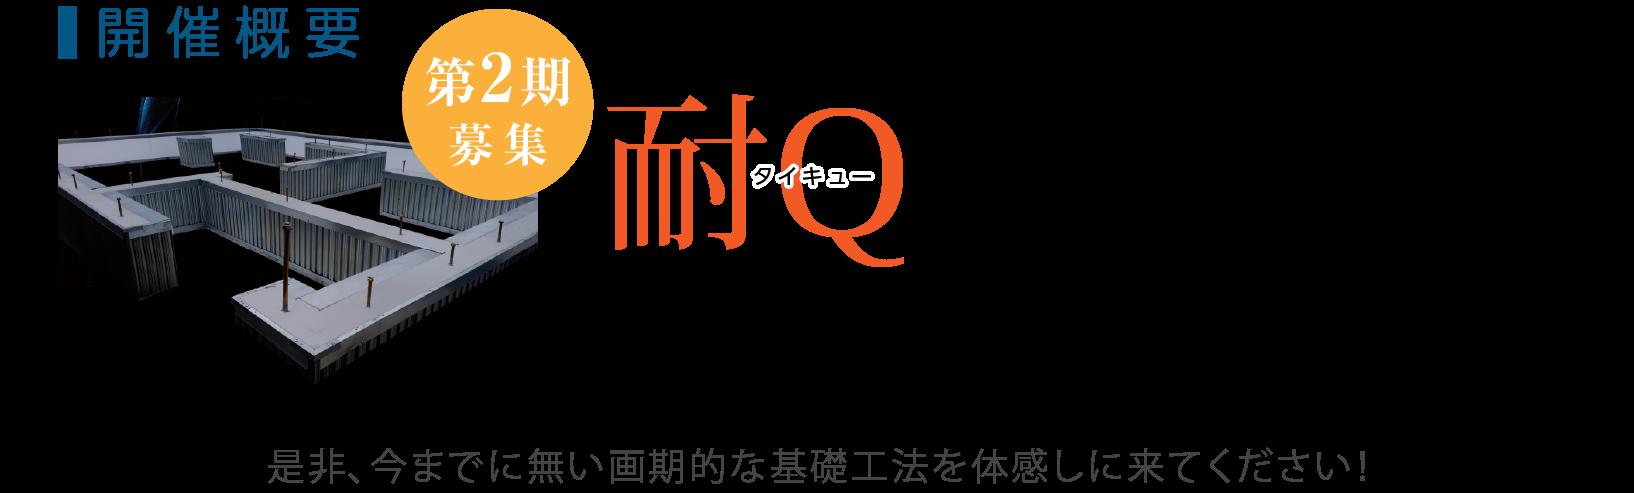 耐Qパネル基礎取扱店募集セミナー